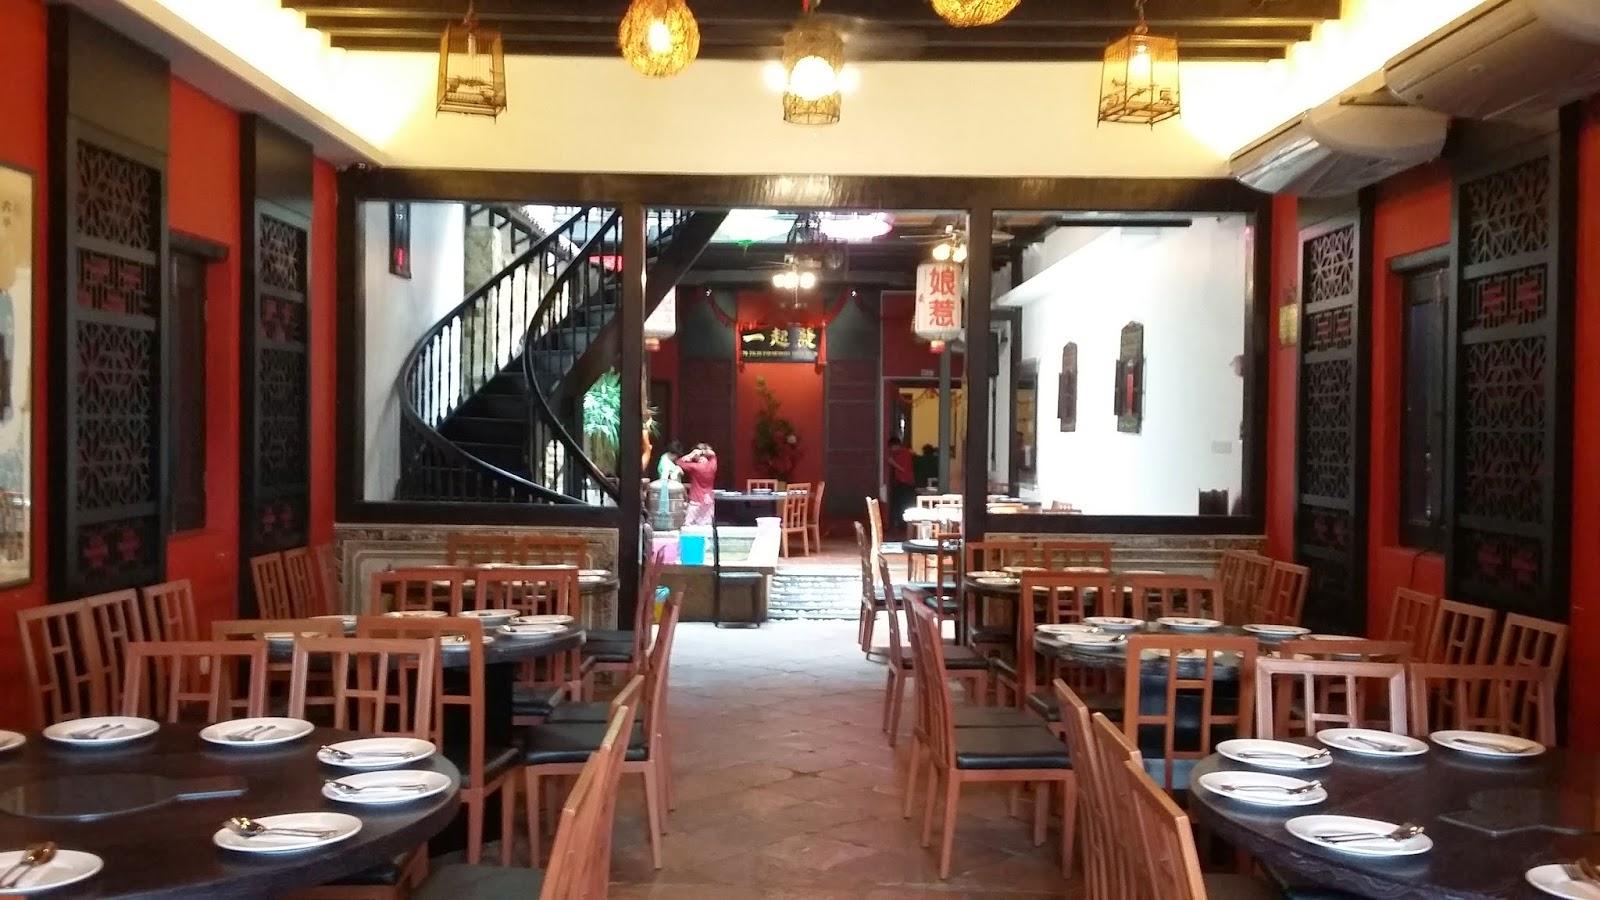 記憶中的美好: 娘惹文化藝術中心